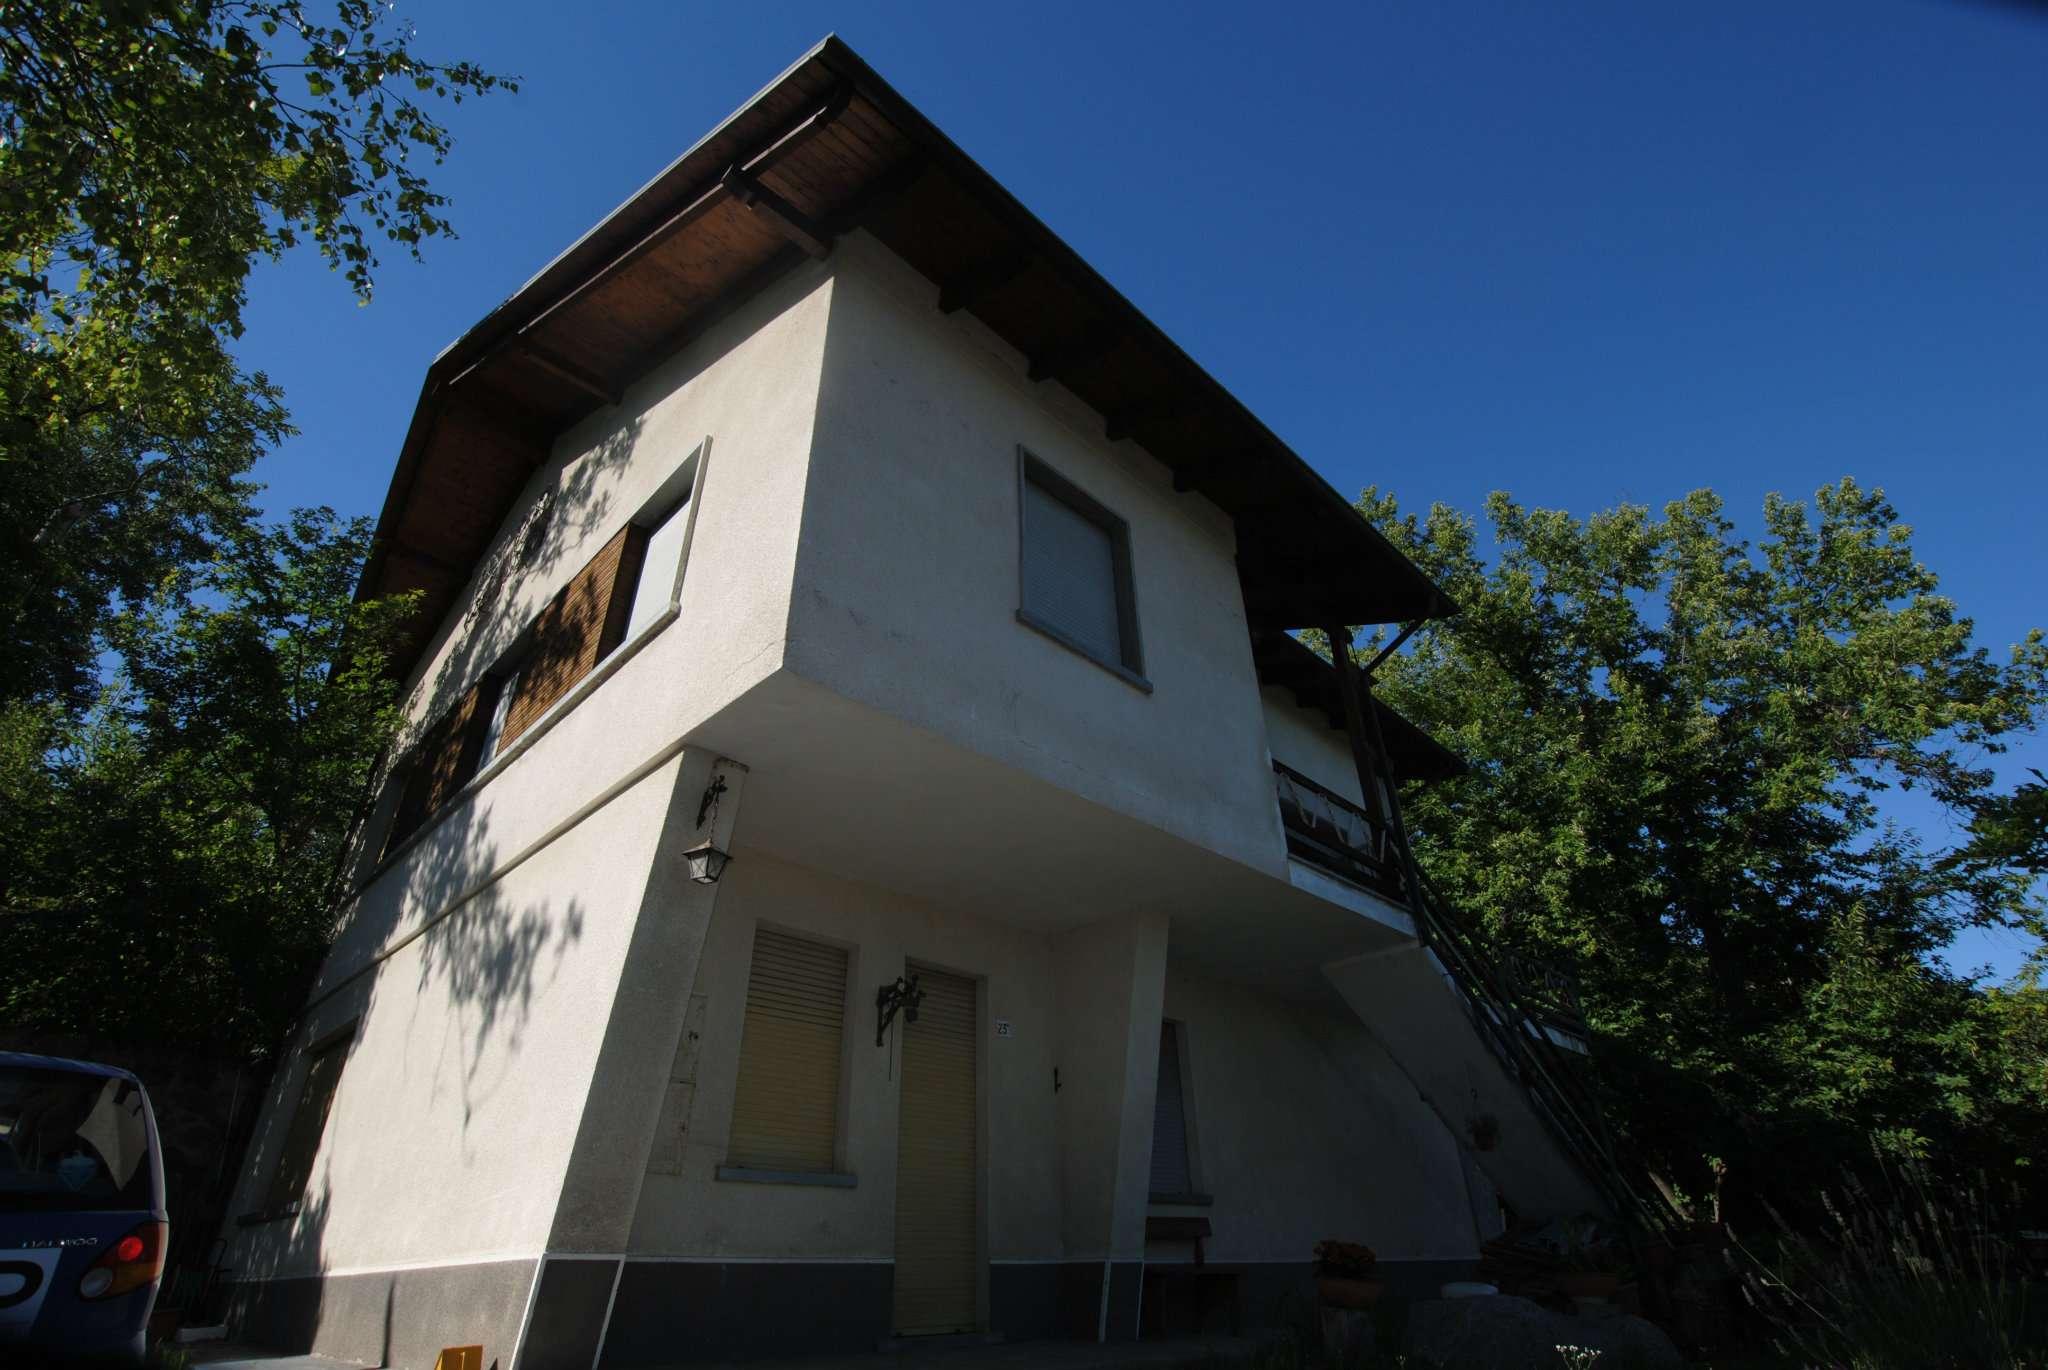 Appartamento in vendita a Rubiana, 4 locali, prezzo € 100.000 | CambioCasa.it